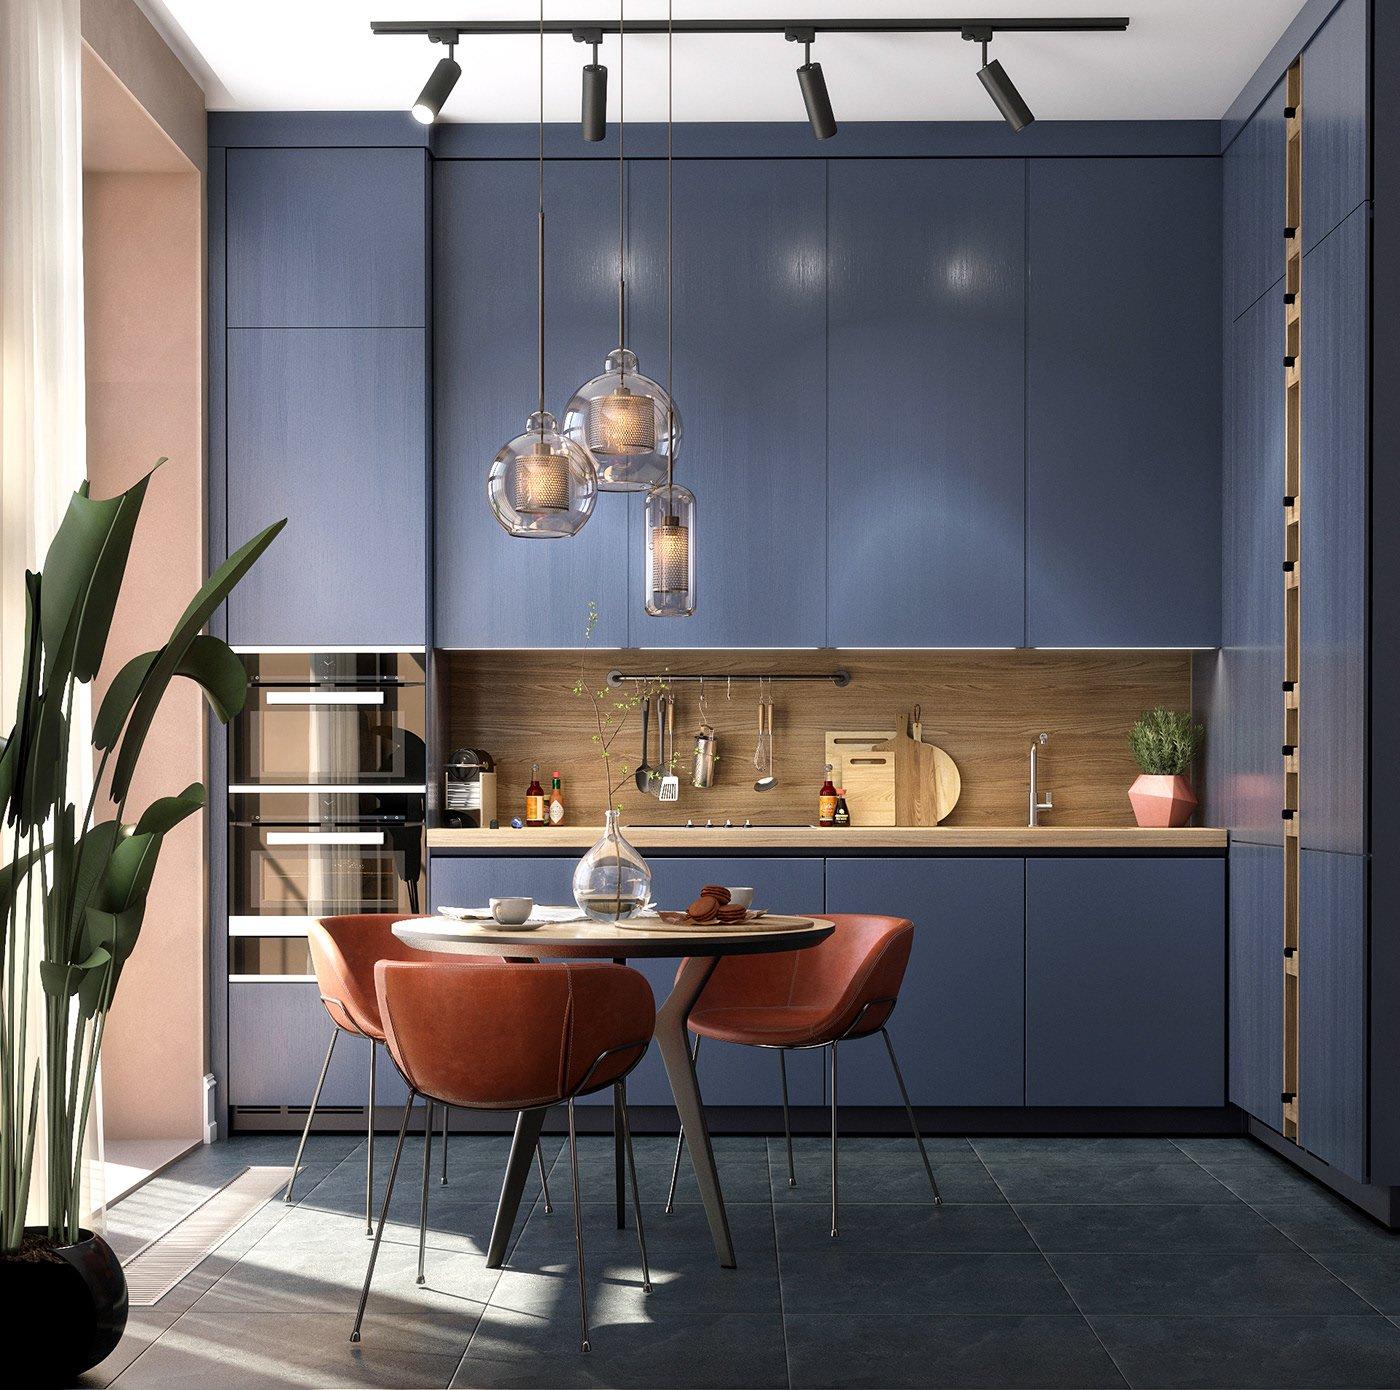 Kiến trúc sư tư vấn thiết kế căn hộ 64m² với chi phí 145 triệu đồng - Ảnh 7.